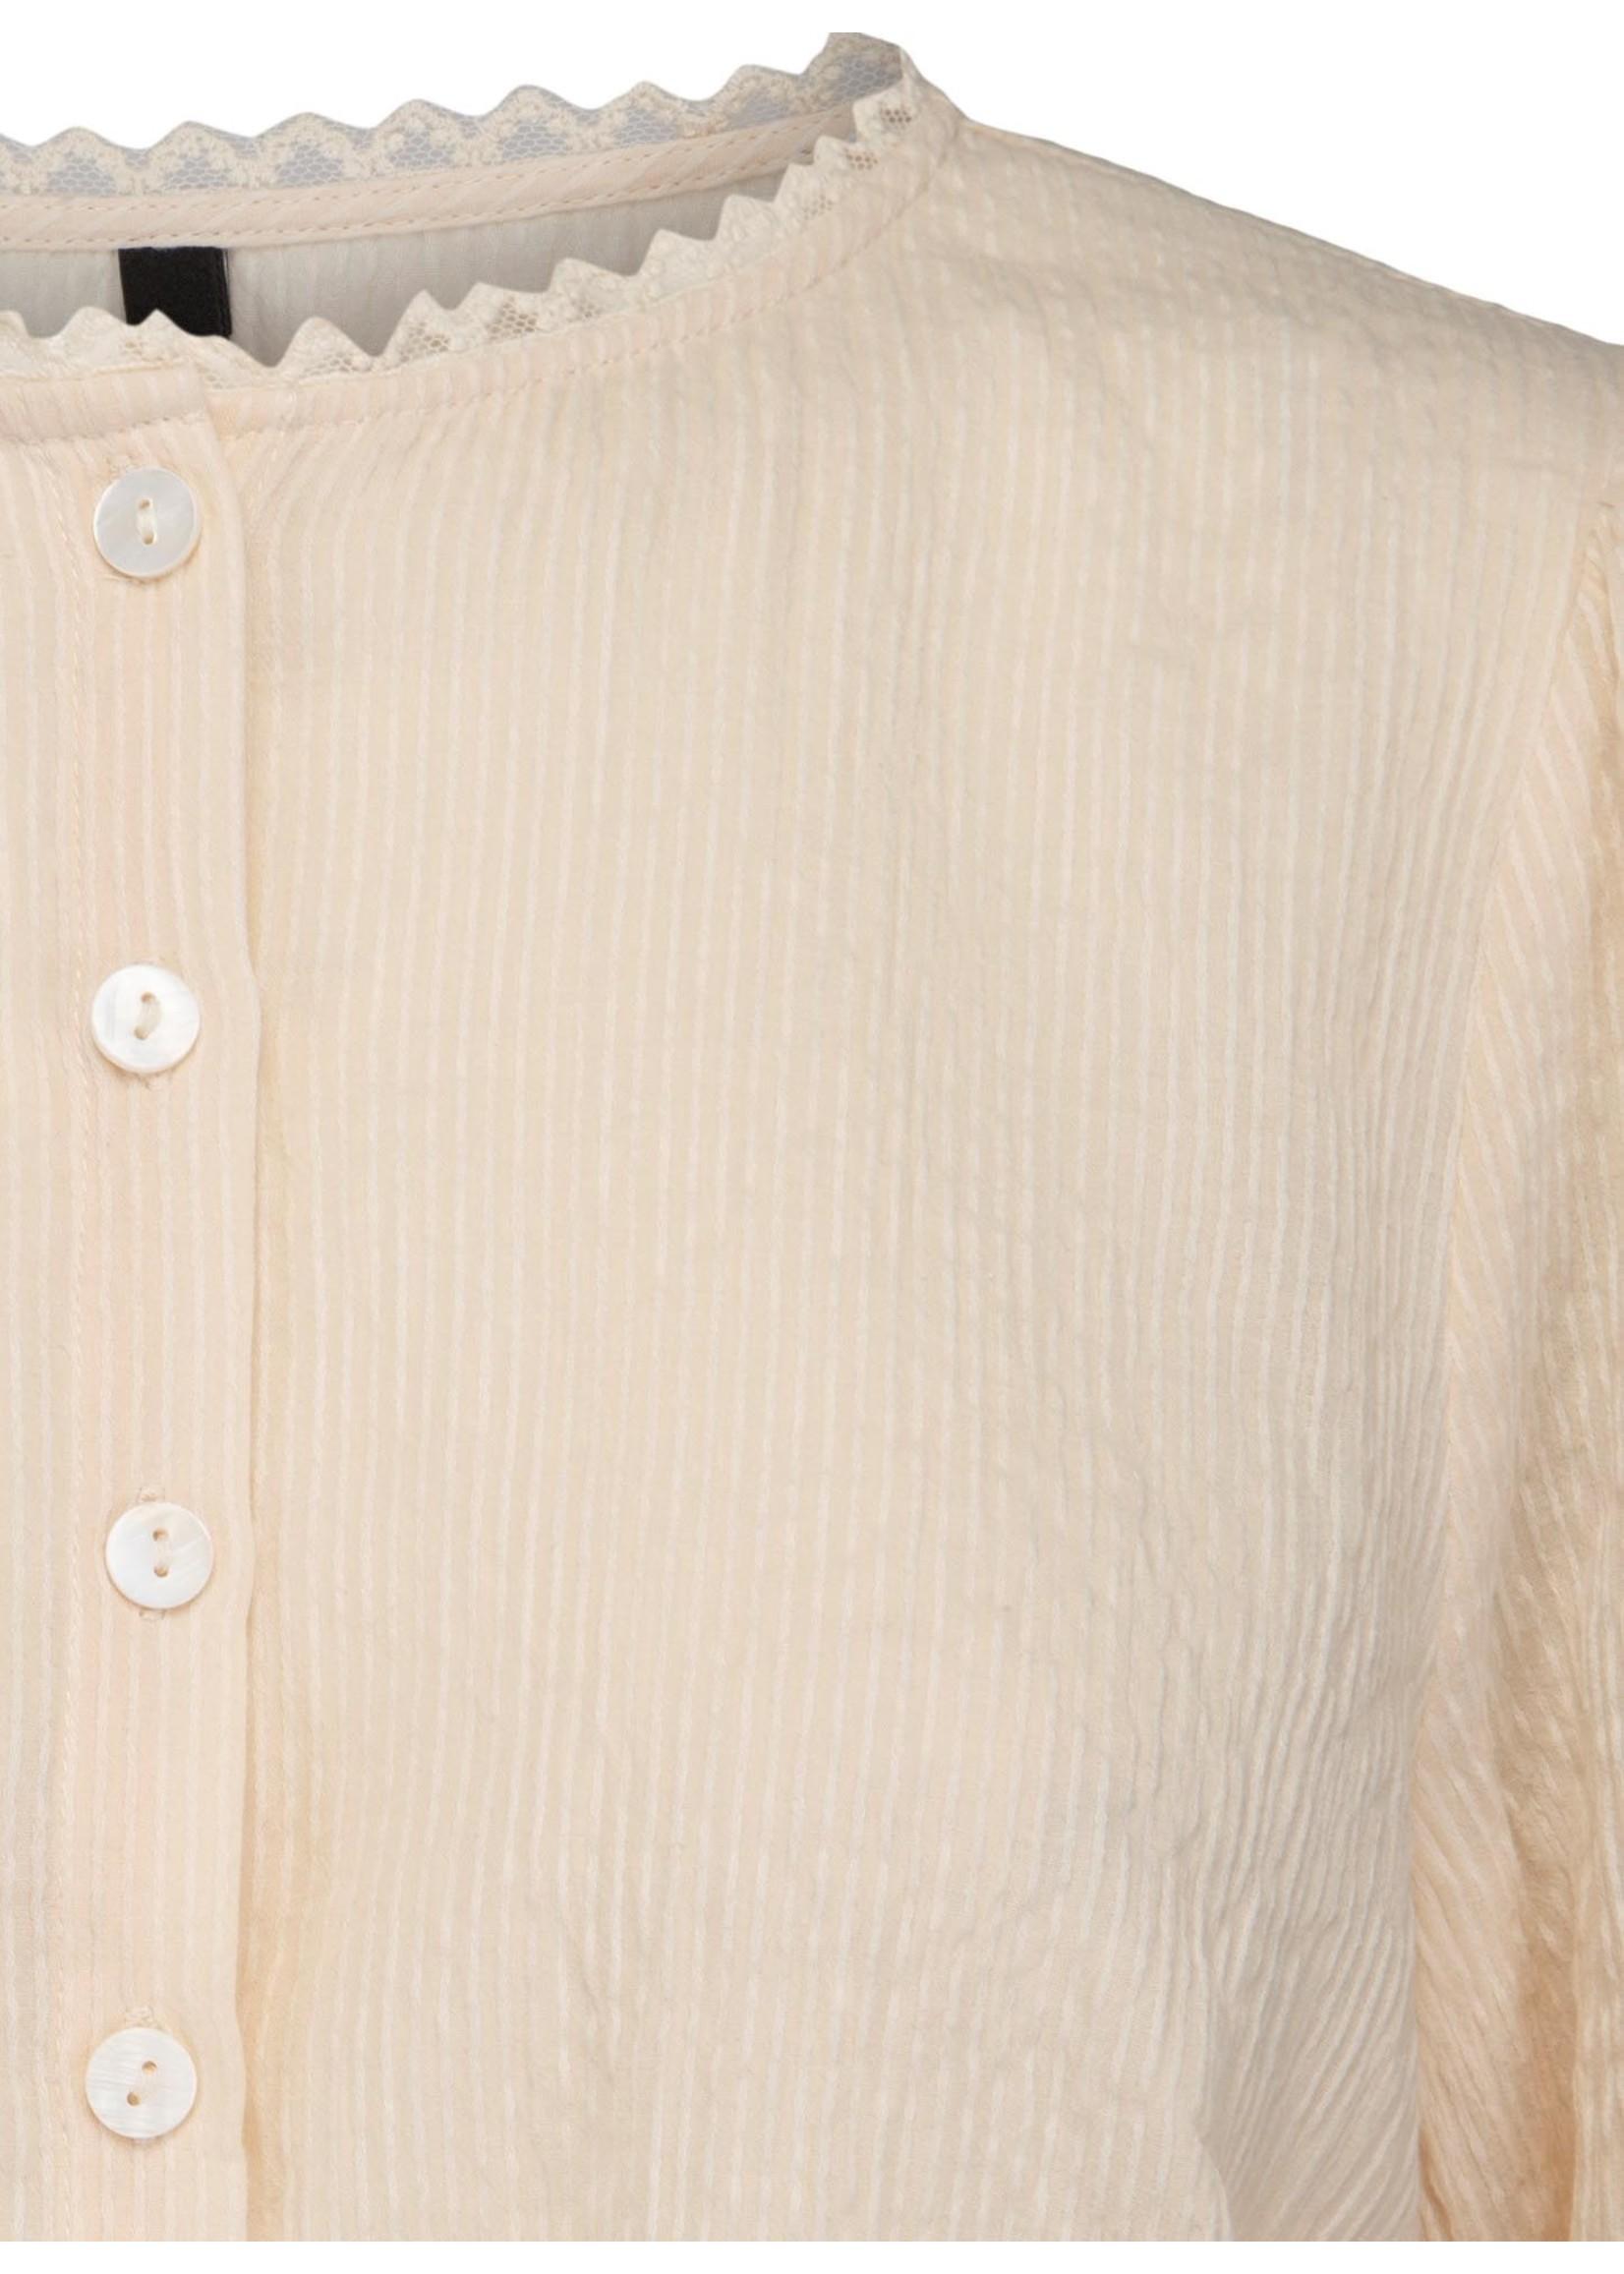 PEPPERCORN Pheobe Shirt GARDENIA